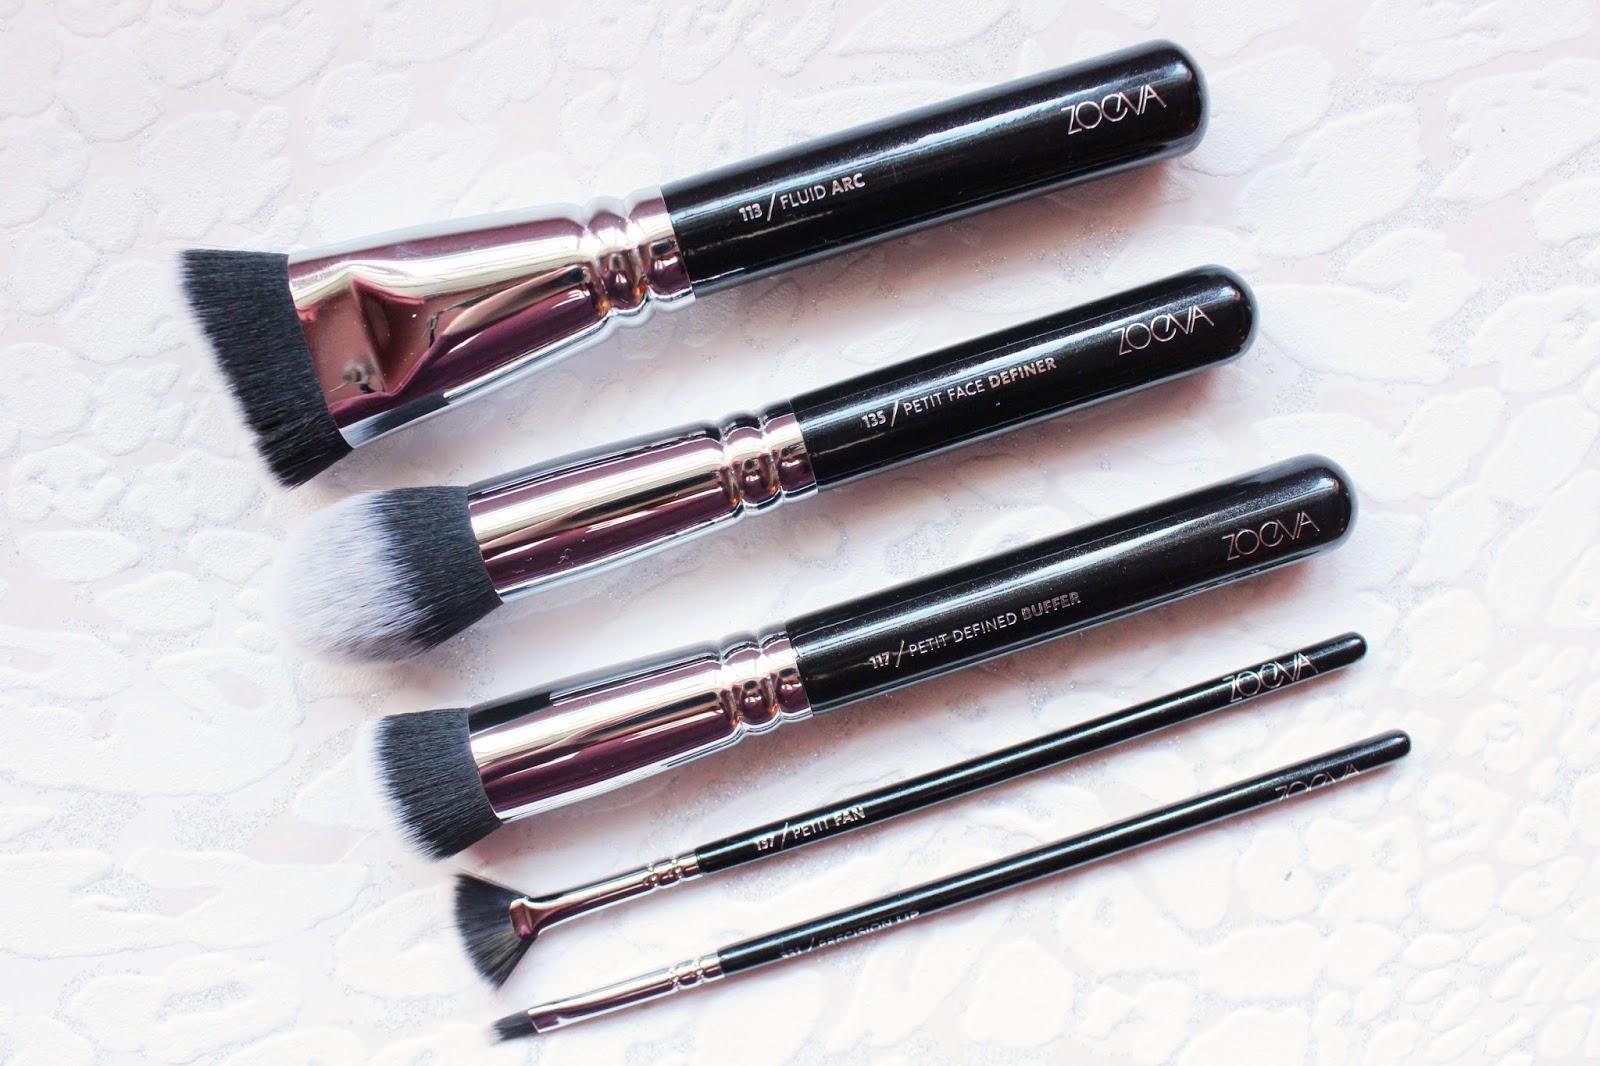 Five NEW Zoeva Brushes